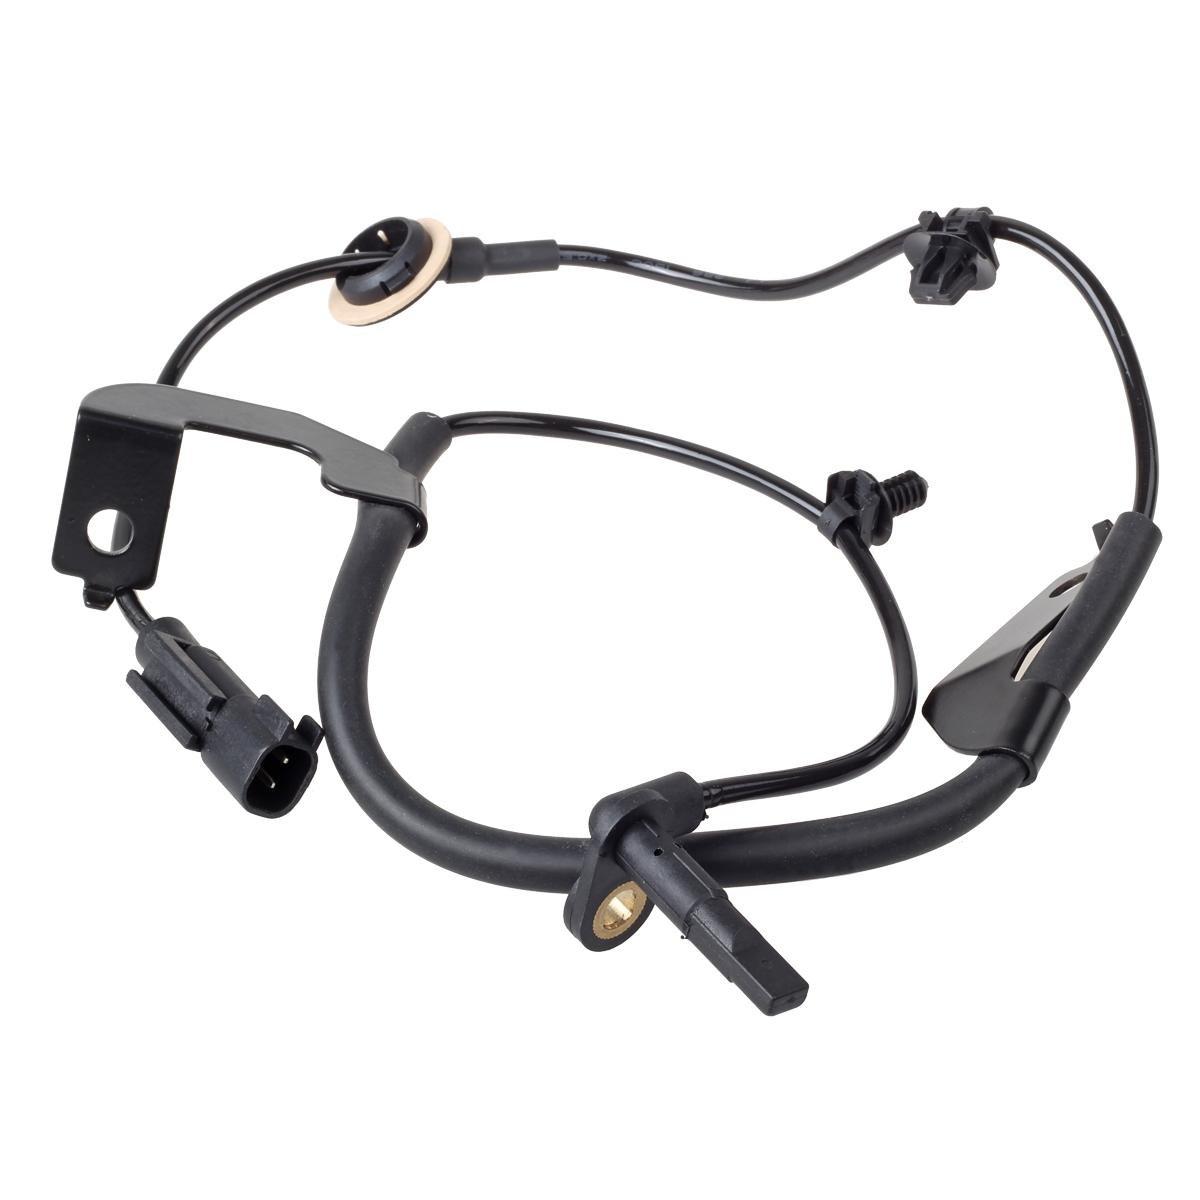 AUTEX 2pcs ABS Wheel Speed Sensor Front Left Front Right 5105573AA 5105572AA ALS2088 ALS2084 compatible w// 2007-2015 Jeep Compass 2.0L 2.4L 2007-2014 Jeep Patriot 2.0L 2.4L 2007-2012 Dodge Caliber